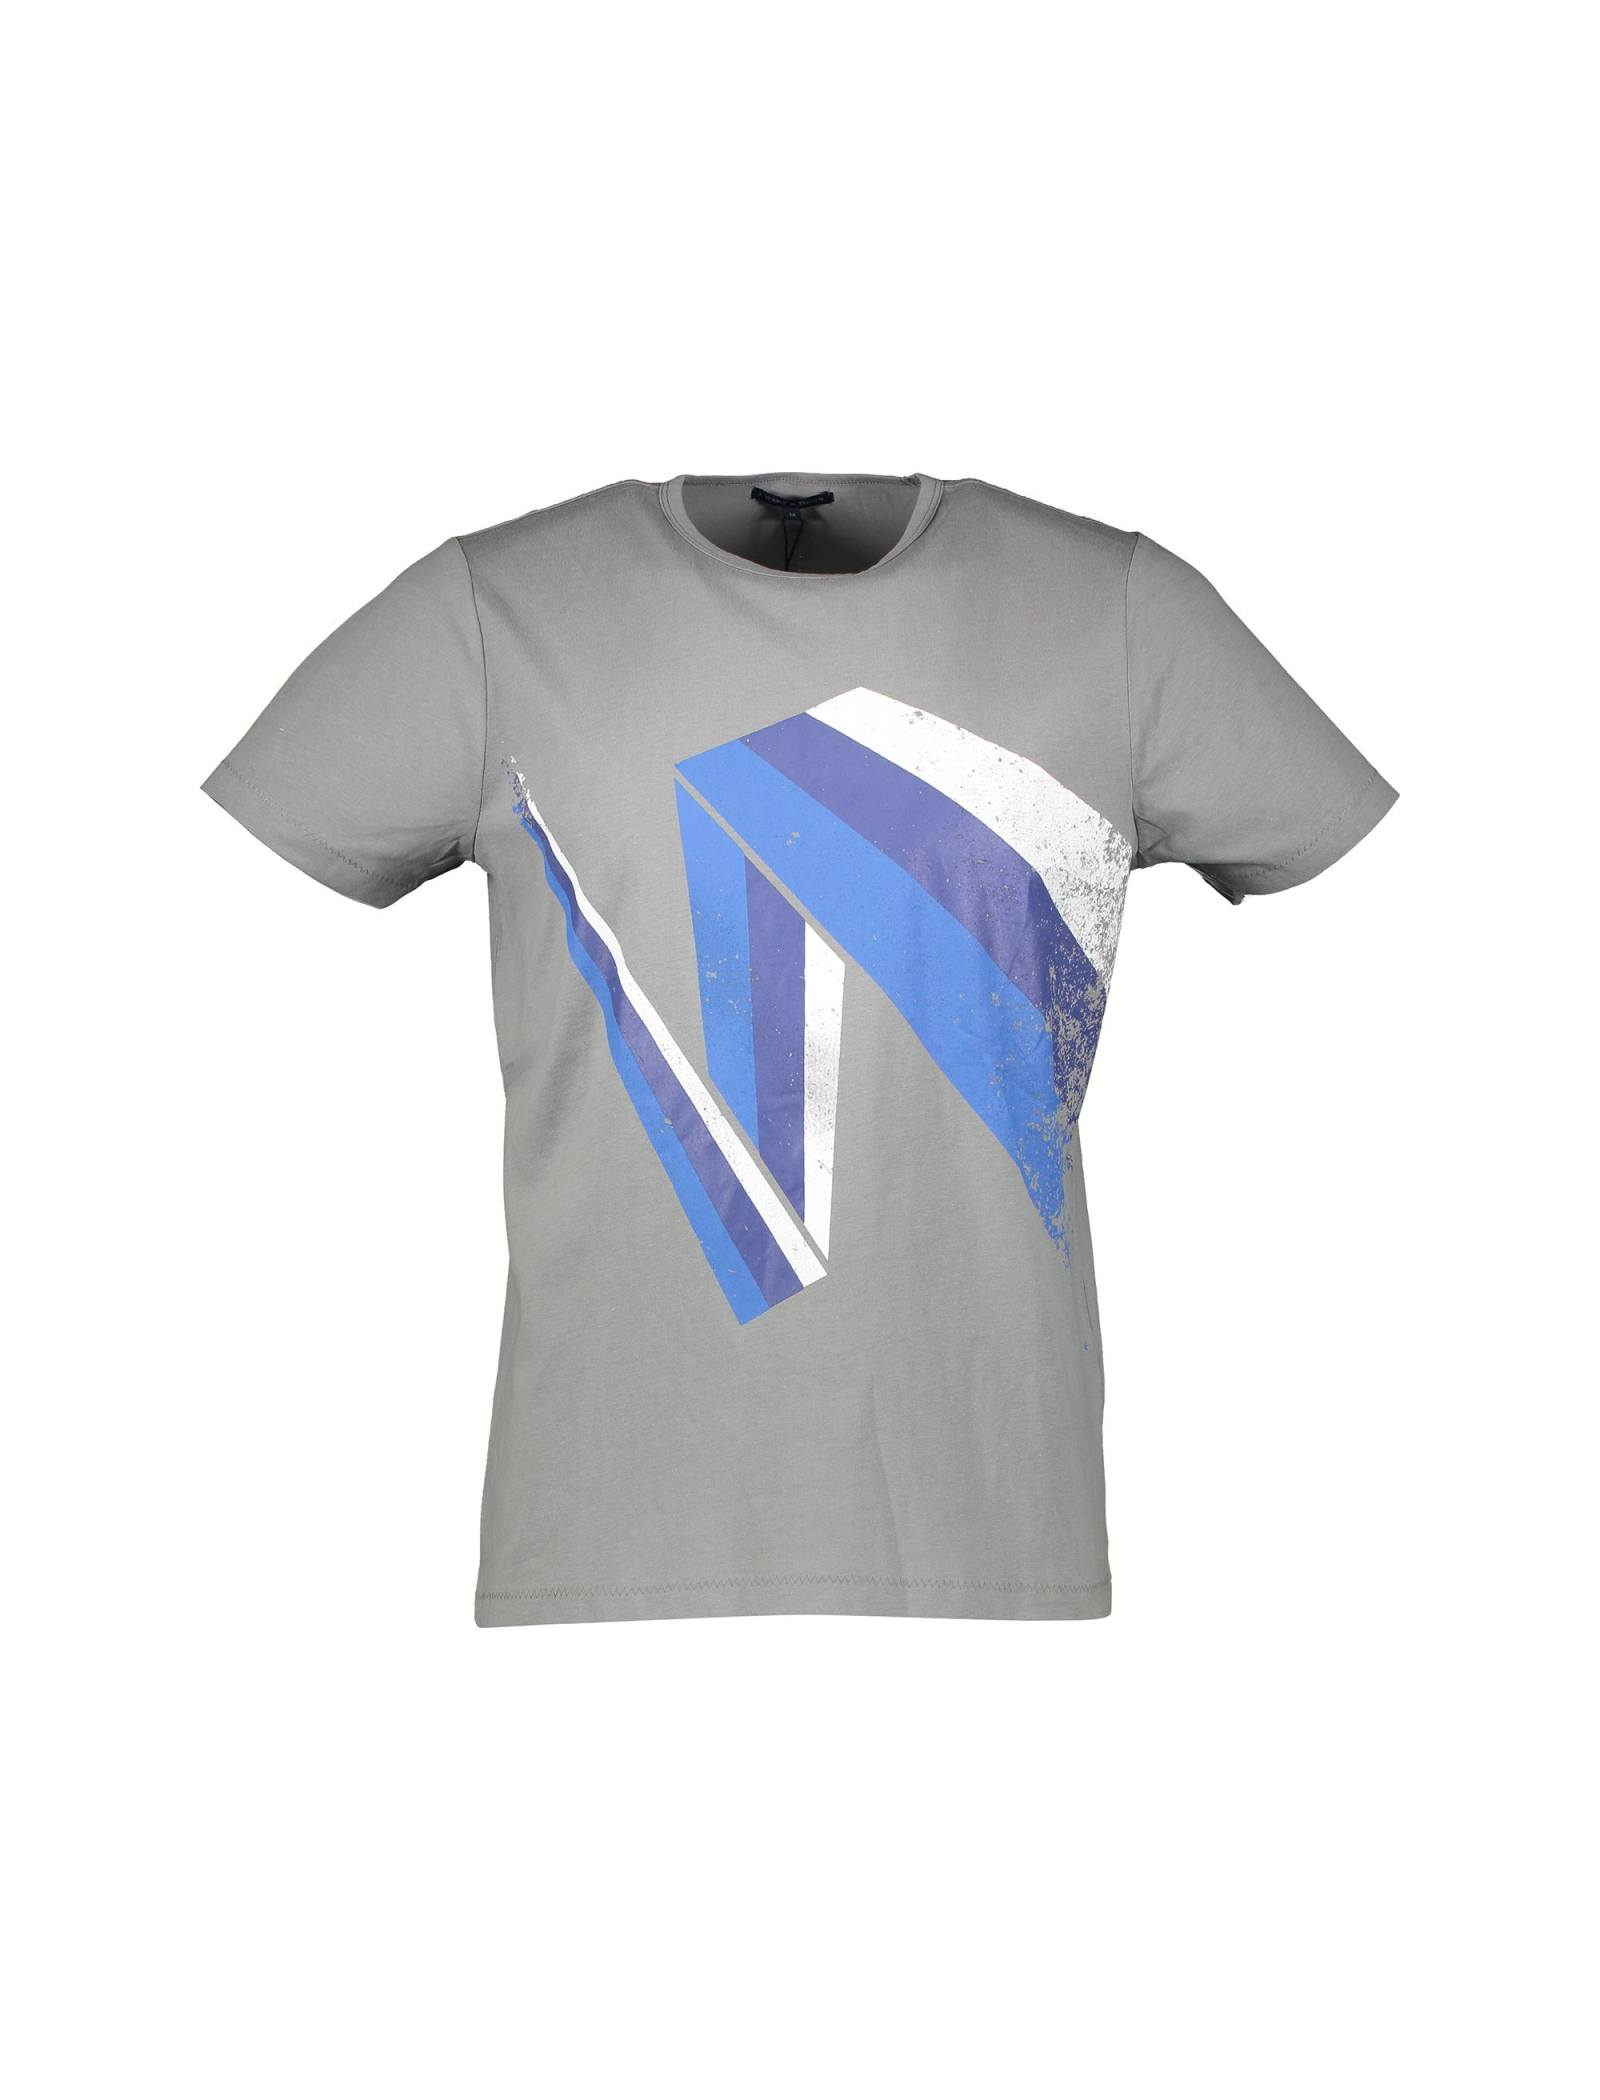 تی شرت نخی یقه گرد مردانه - یوپیم - طوسي - 1